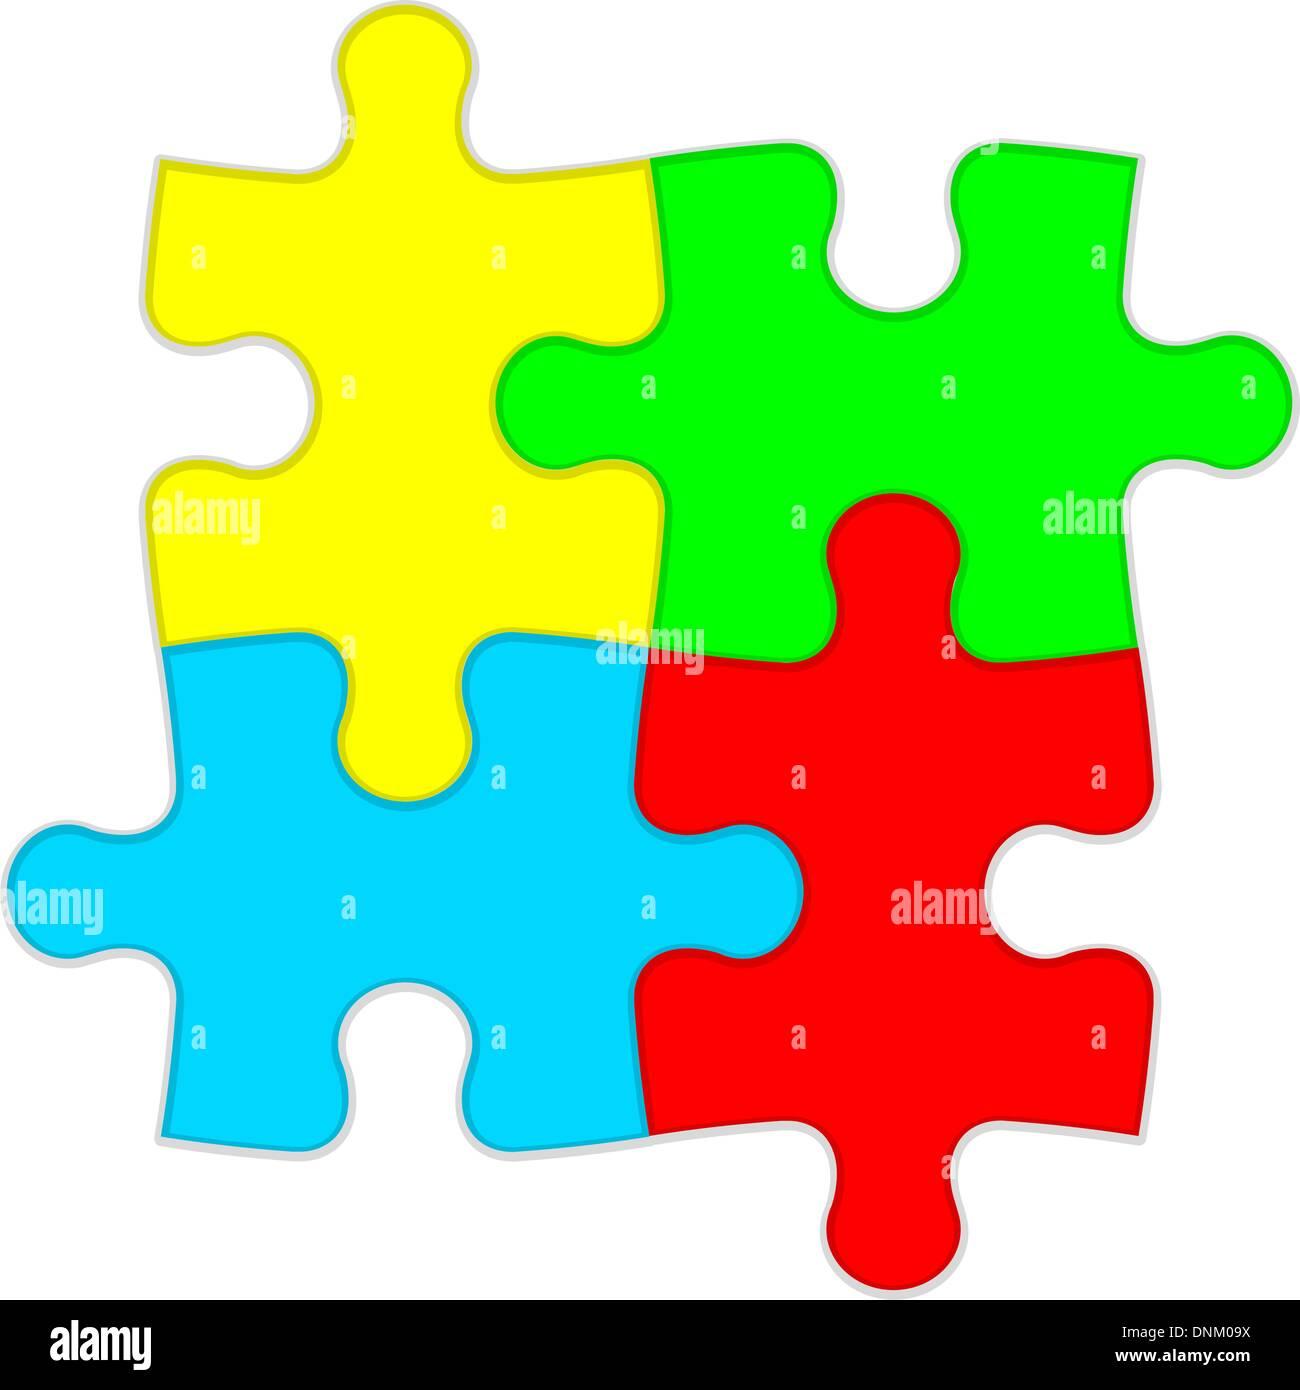 Sfondo illustrazione vettoriale puzzle Immagini Stock